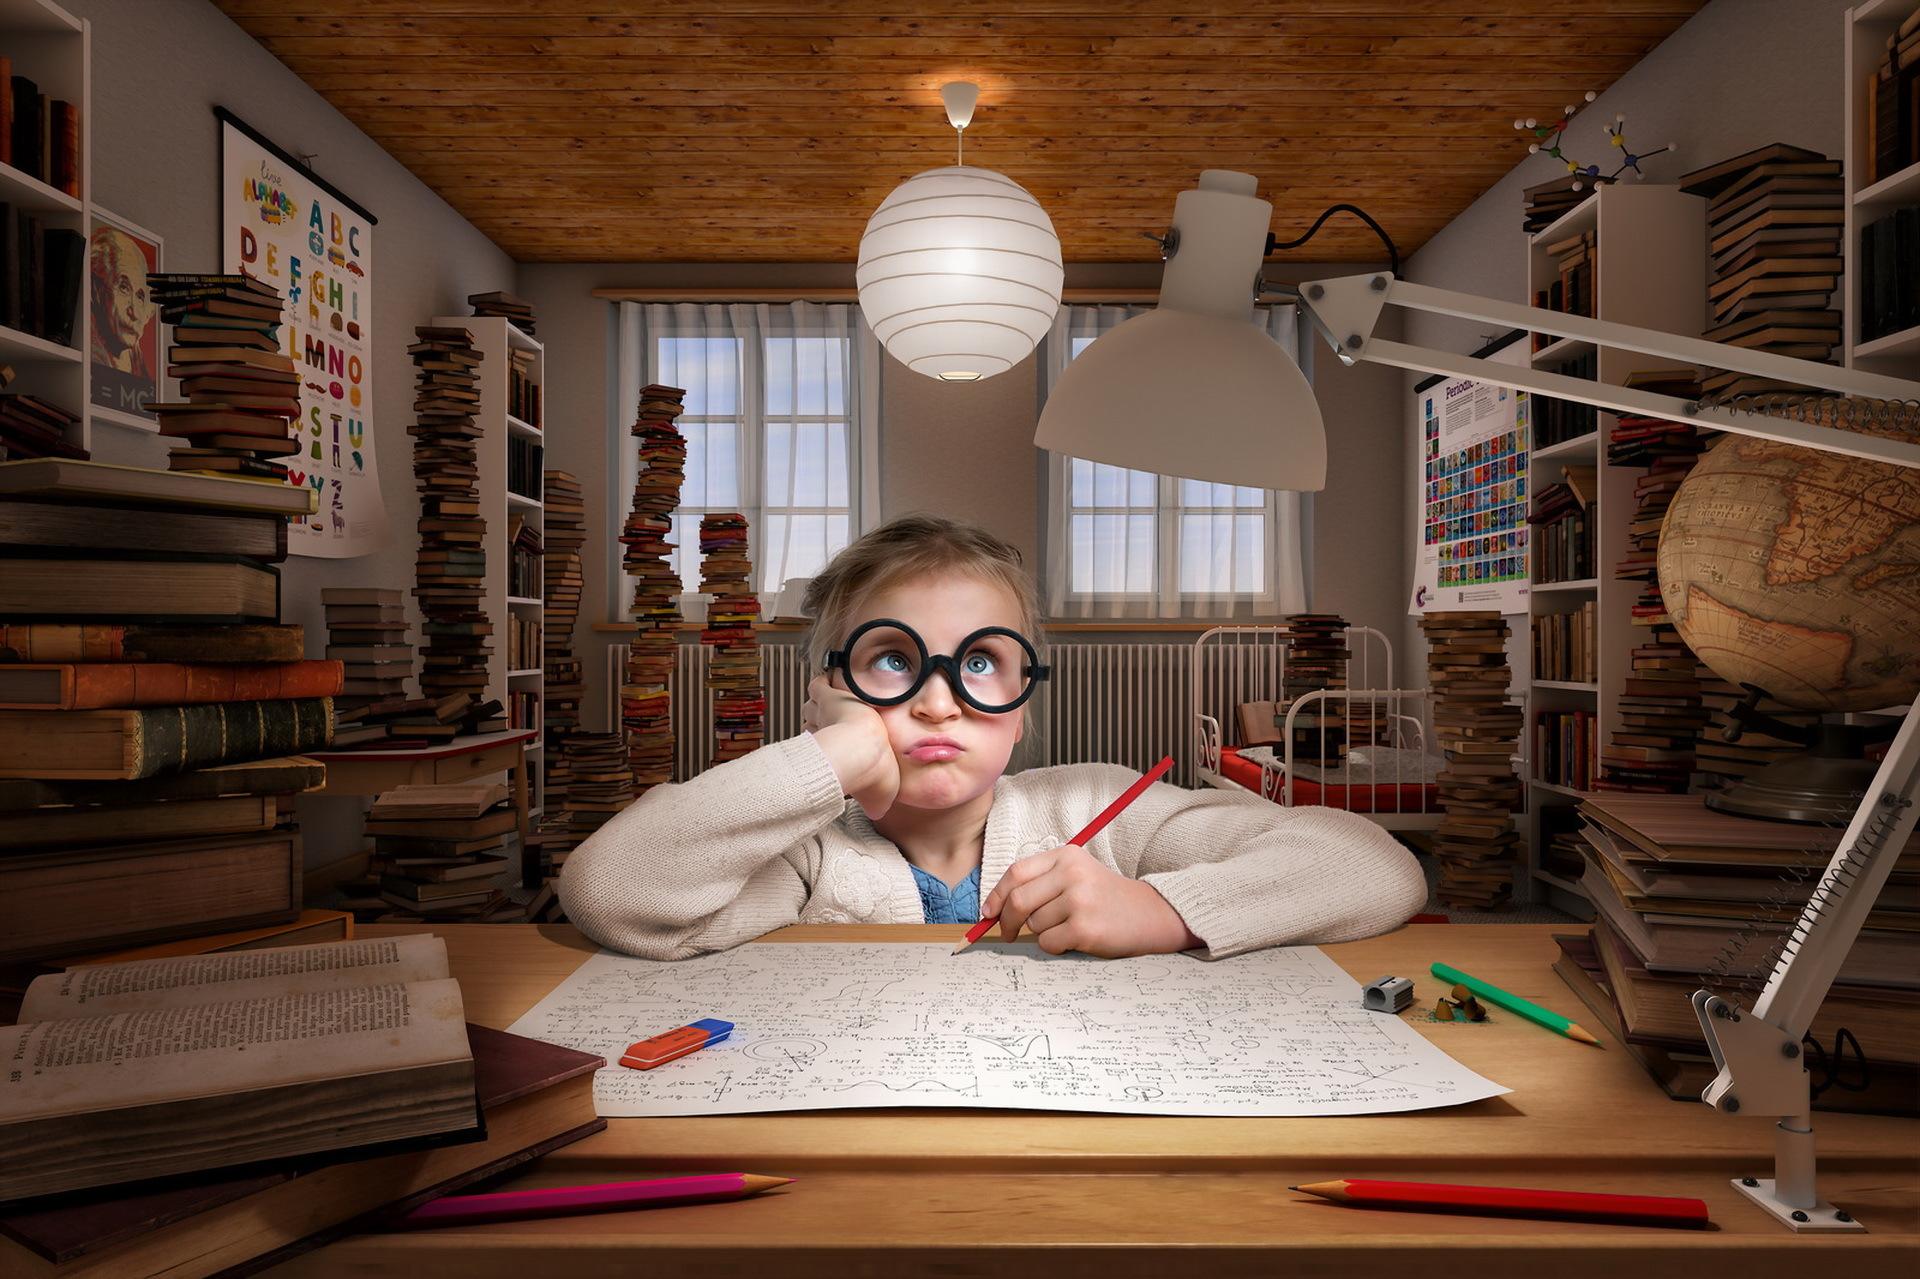 как девочки картинки для рабочего стола творческого человека заправляются пенопласт